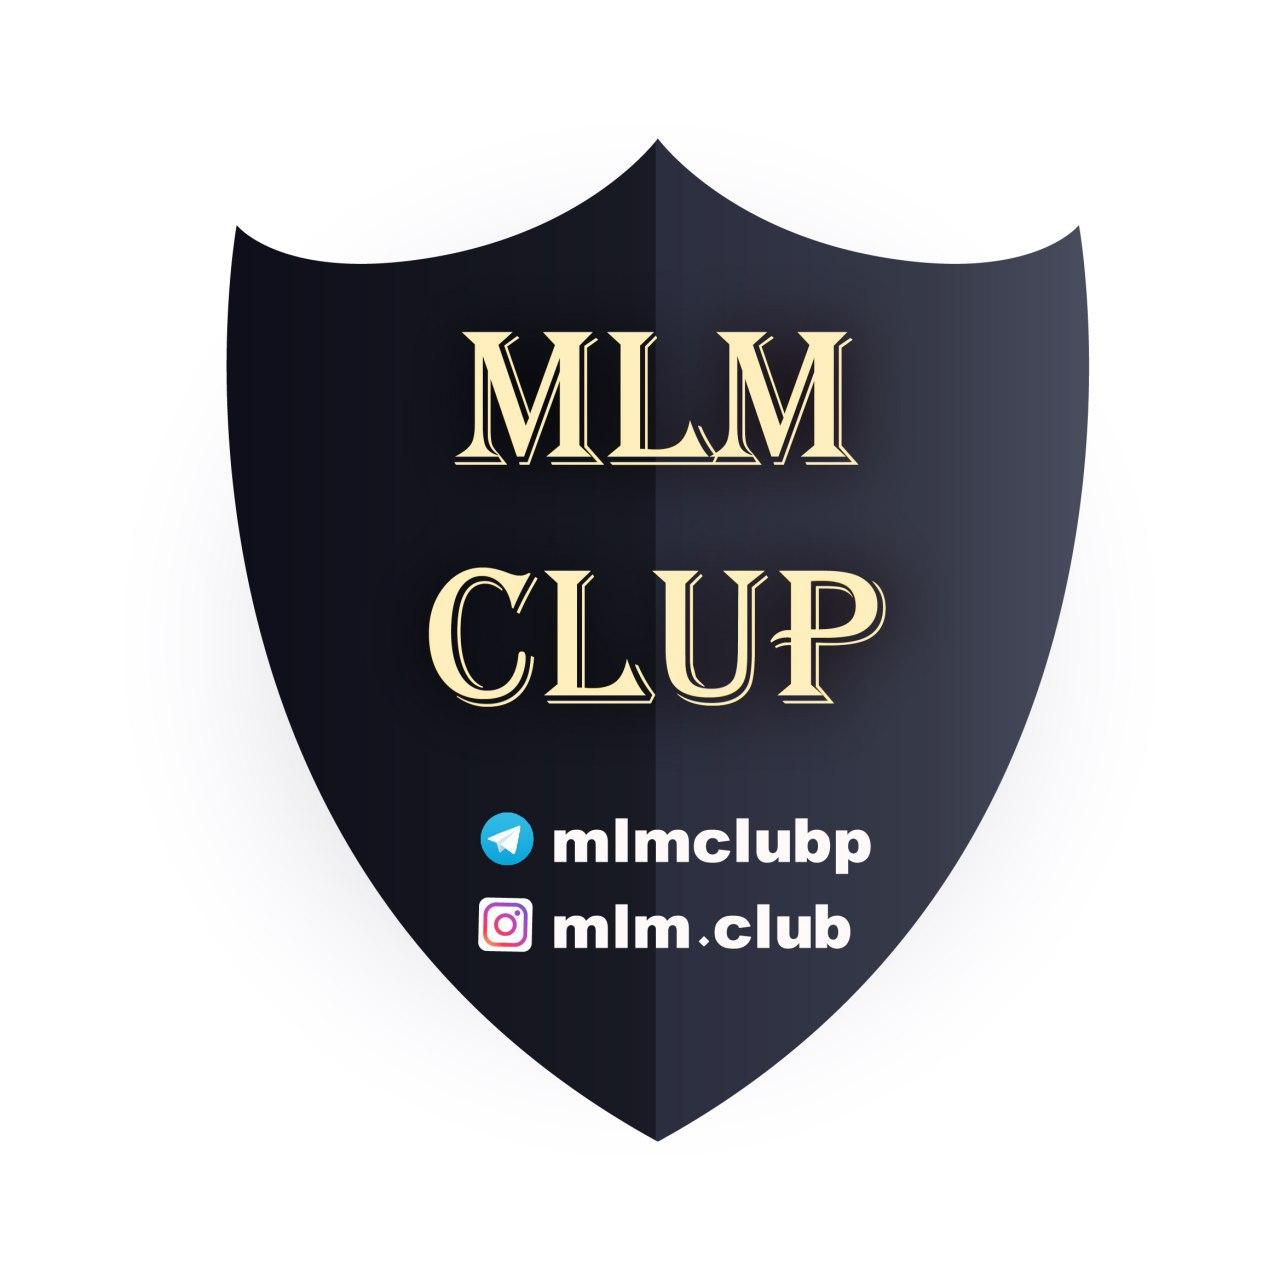 mlm club